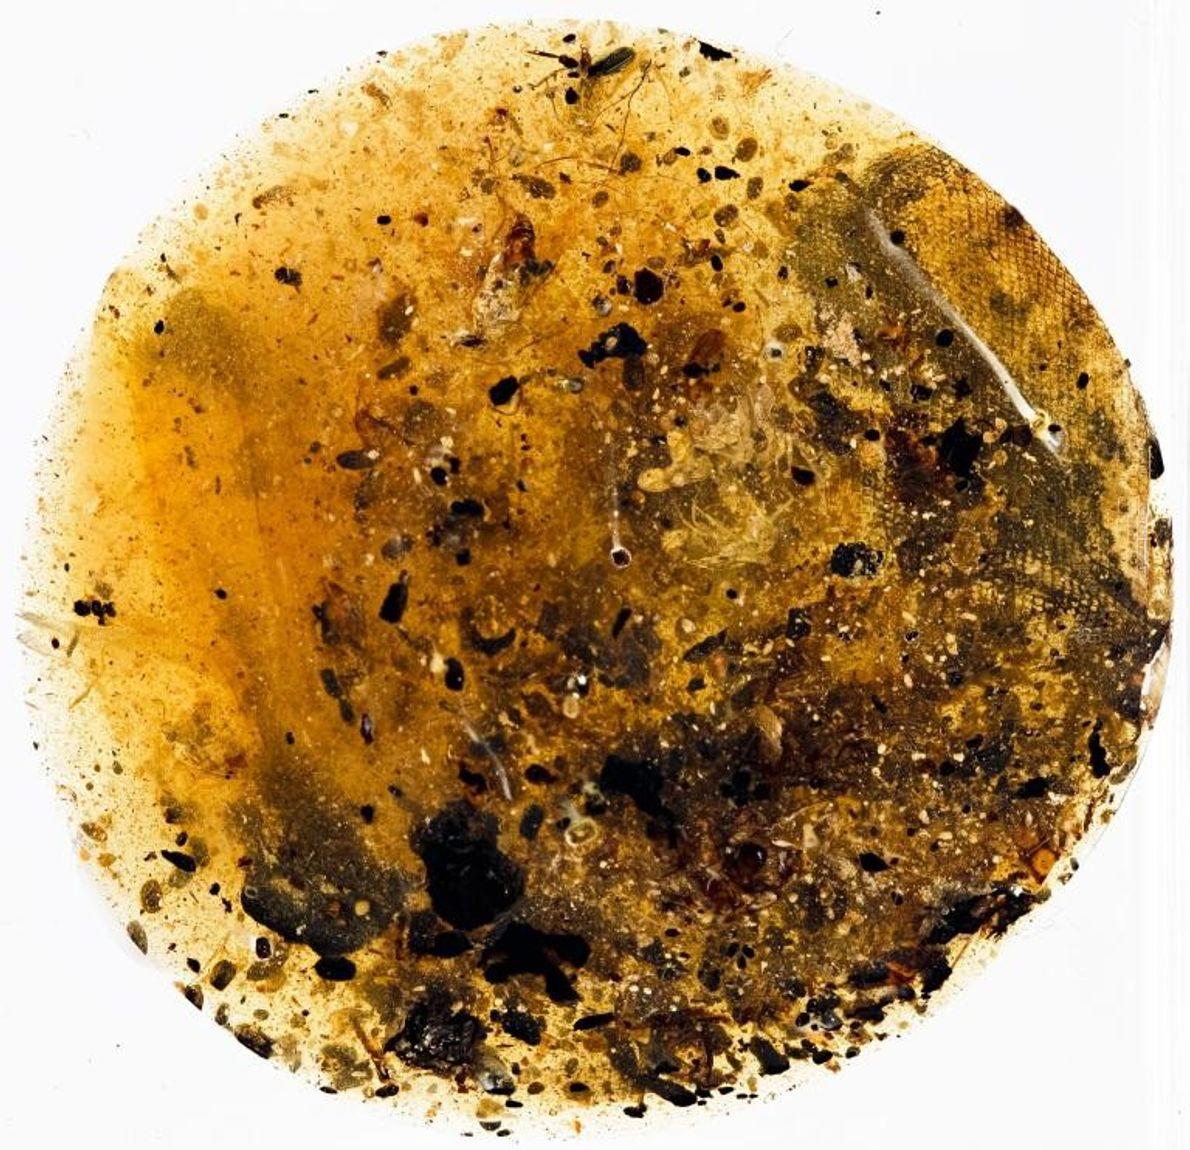 Un deuxième morceau d'ambre contient ce qui semble être un bout de peau de serpent entouré, ...